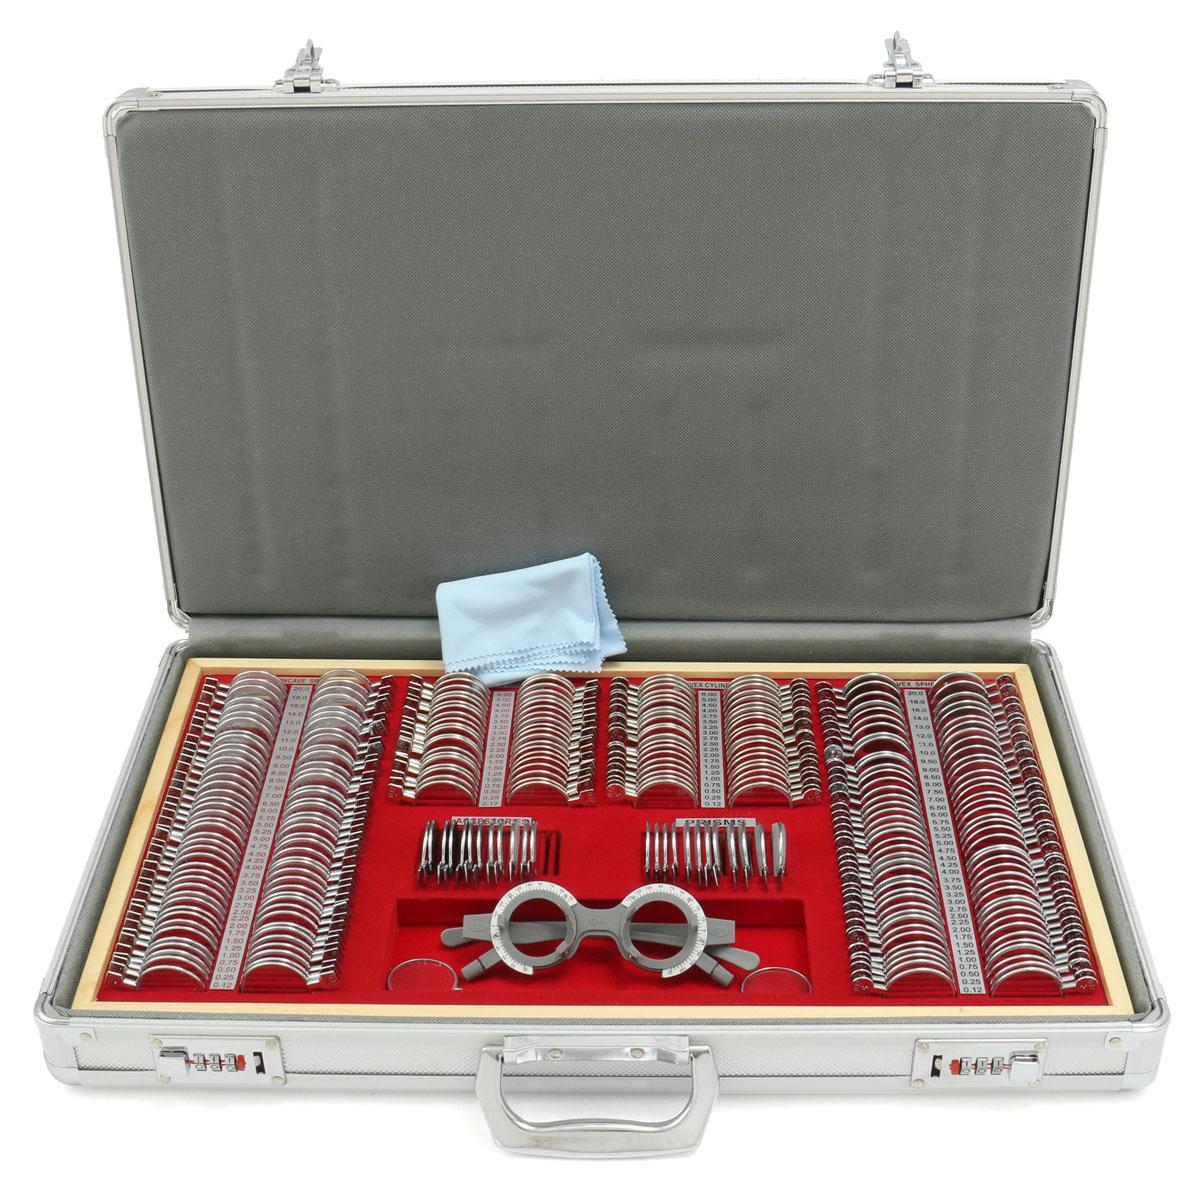 266Pcs Оптометрия Объектив с 1 испытательной рамкой для оптометрии Очки Принадлежности